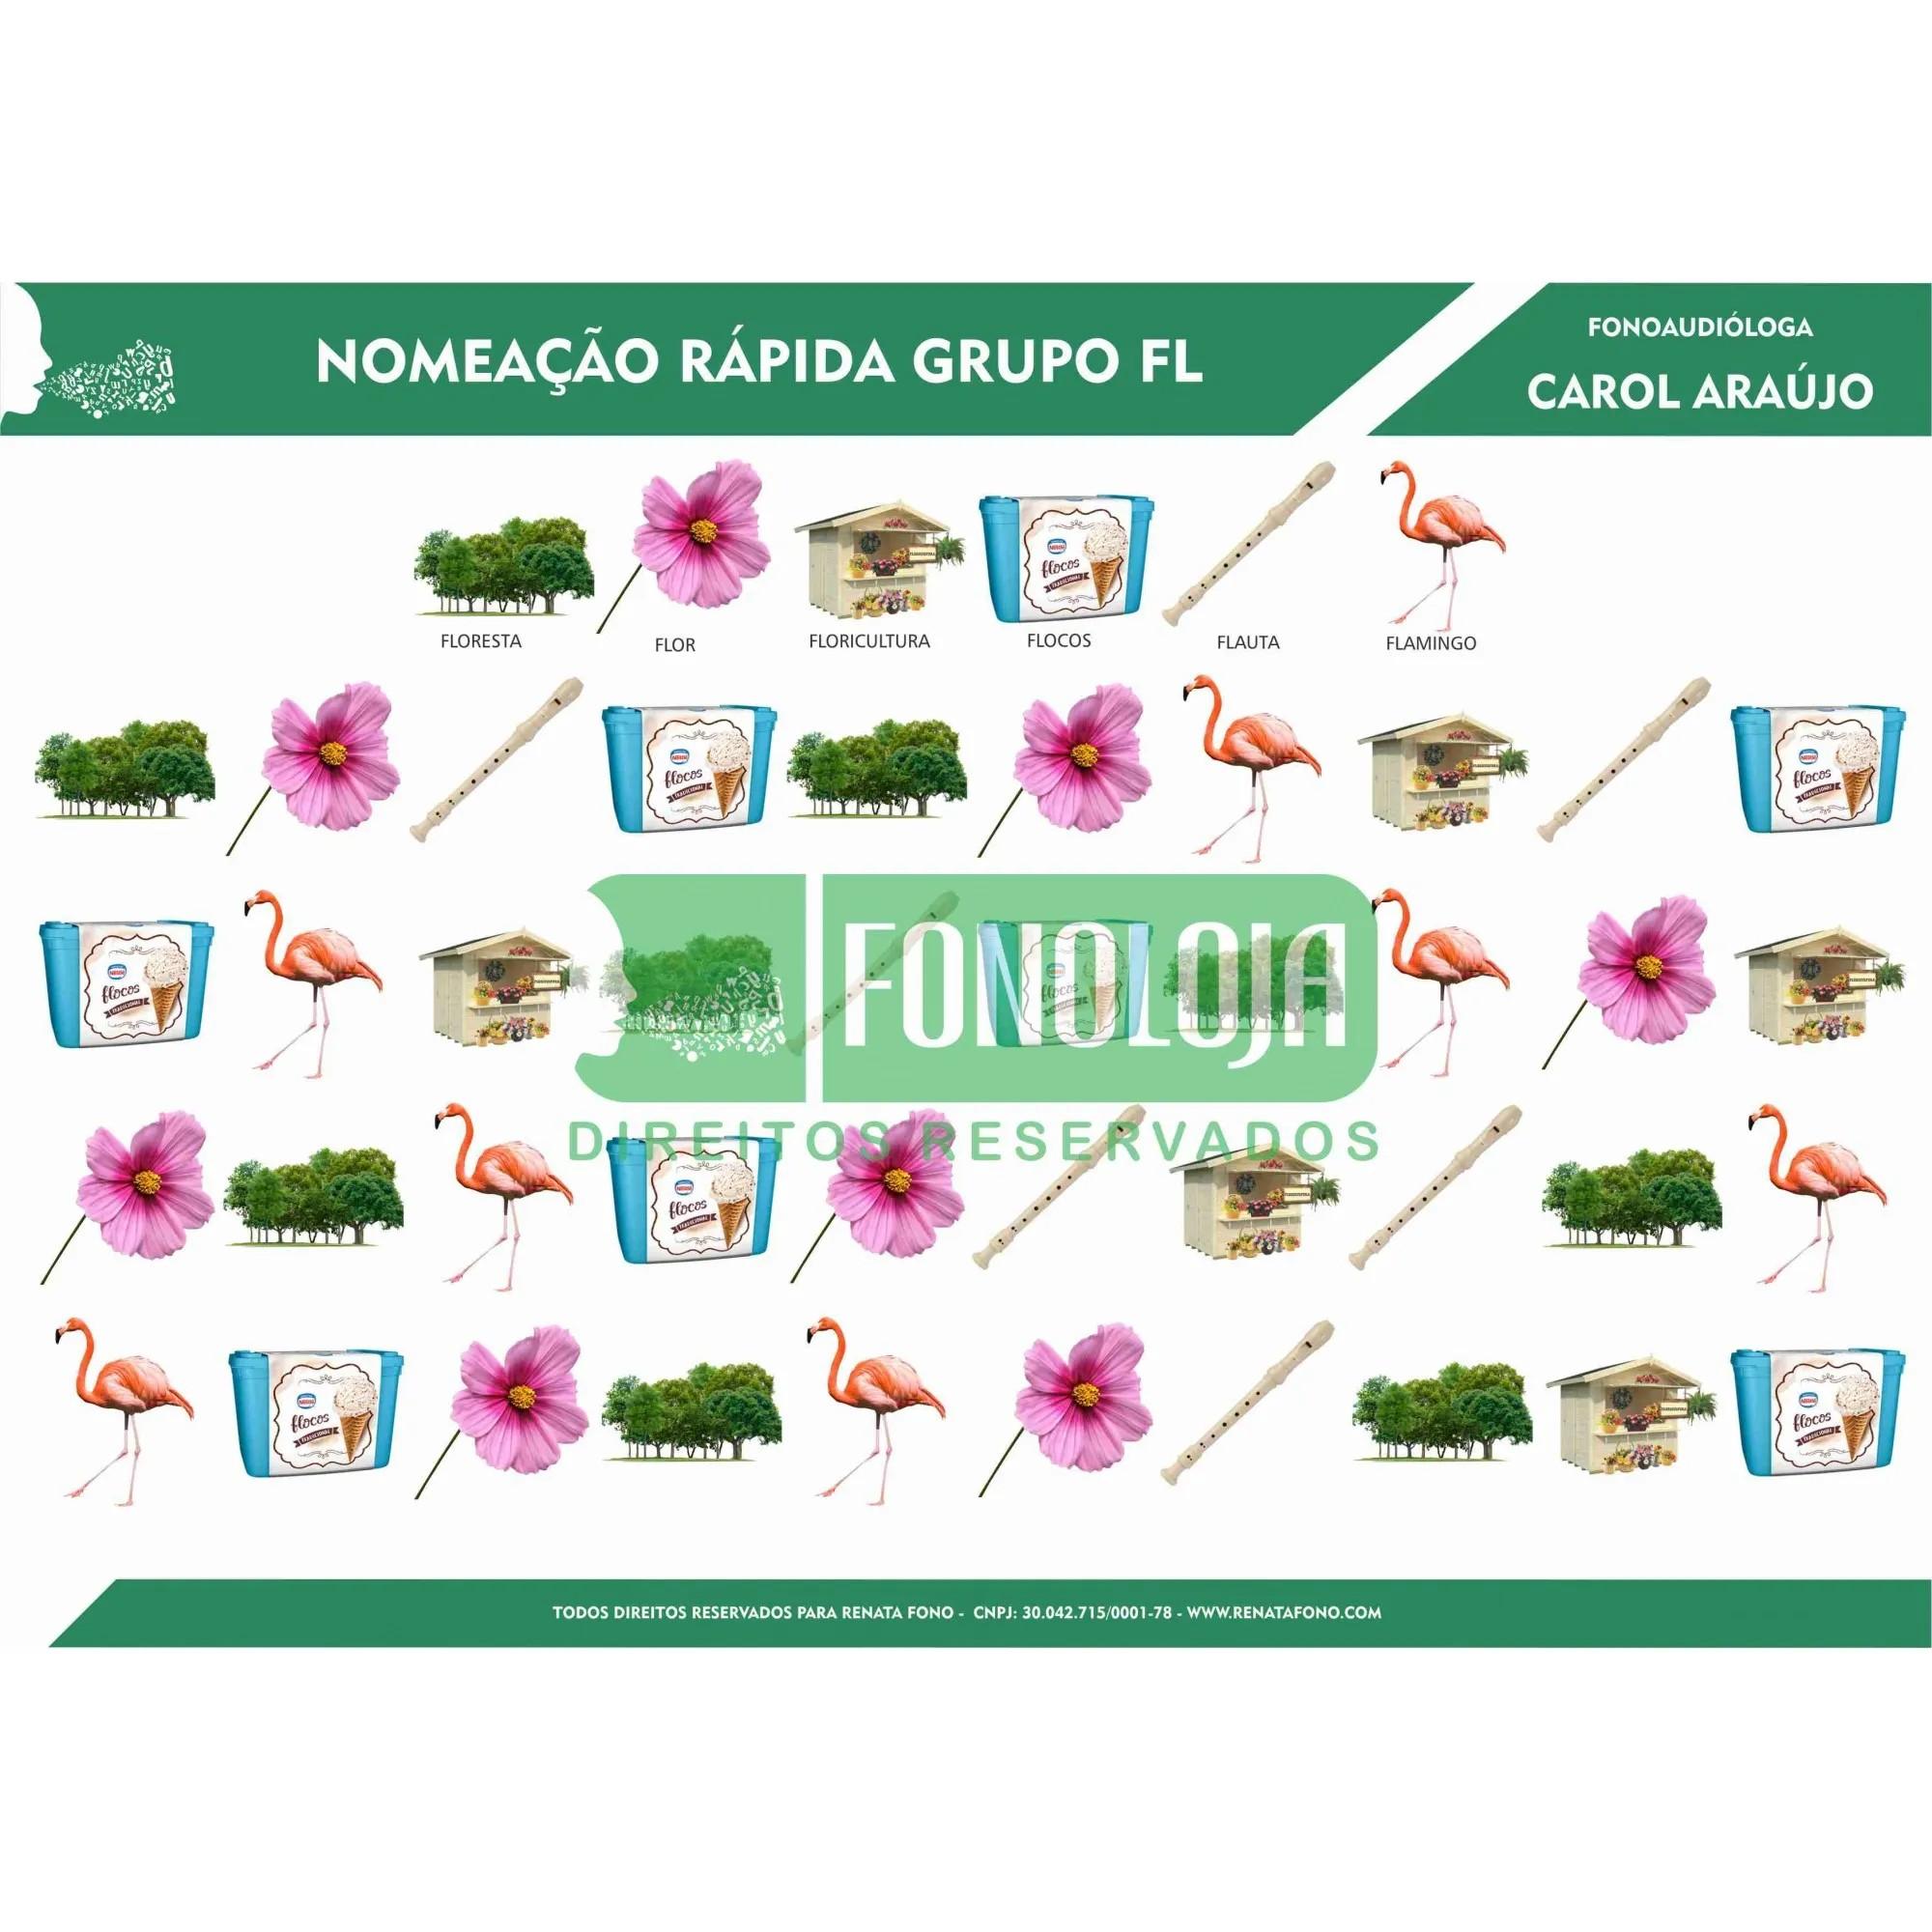 KIT 13 - 05 PRANCHAS NOMEAÇÃO RÁPIDA GRUPOS COM L - cc(l) - FORMATO DIGITAL